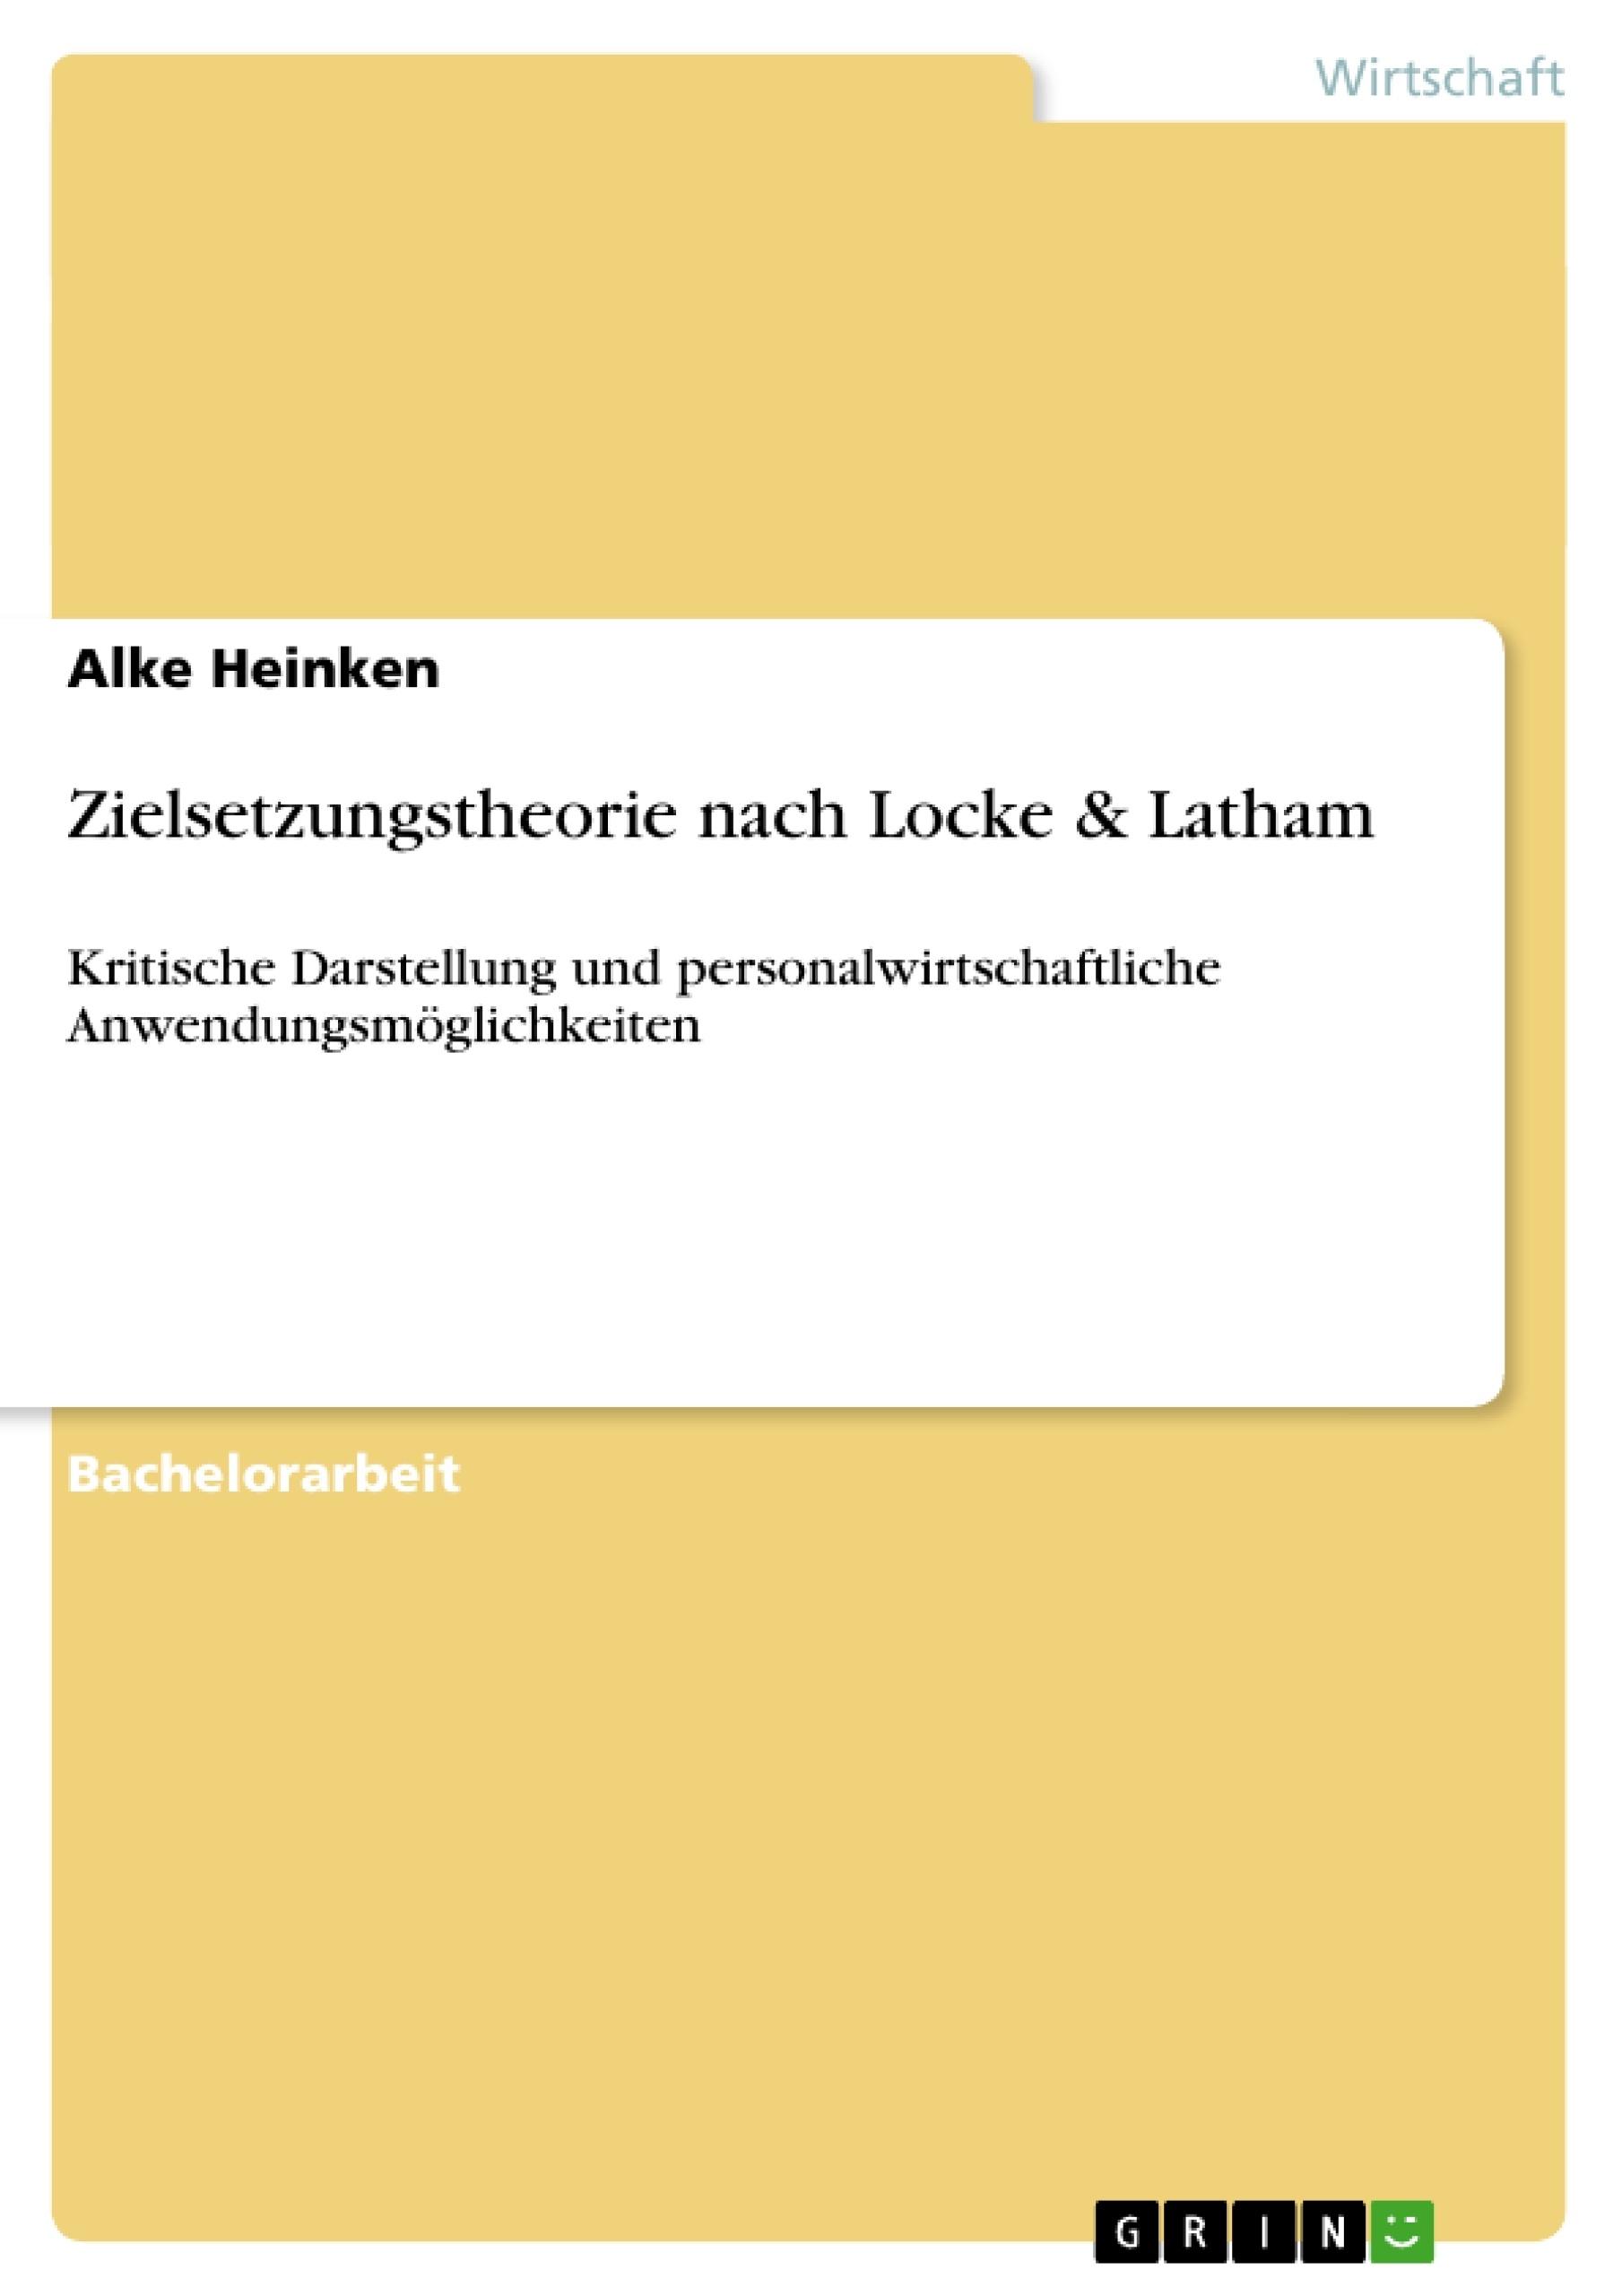 Titel: Zielsetzungstheorie nach Locke & Latham